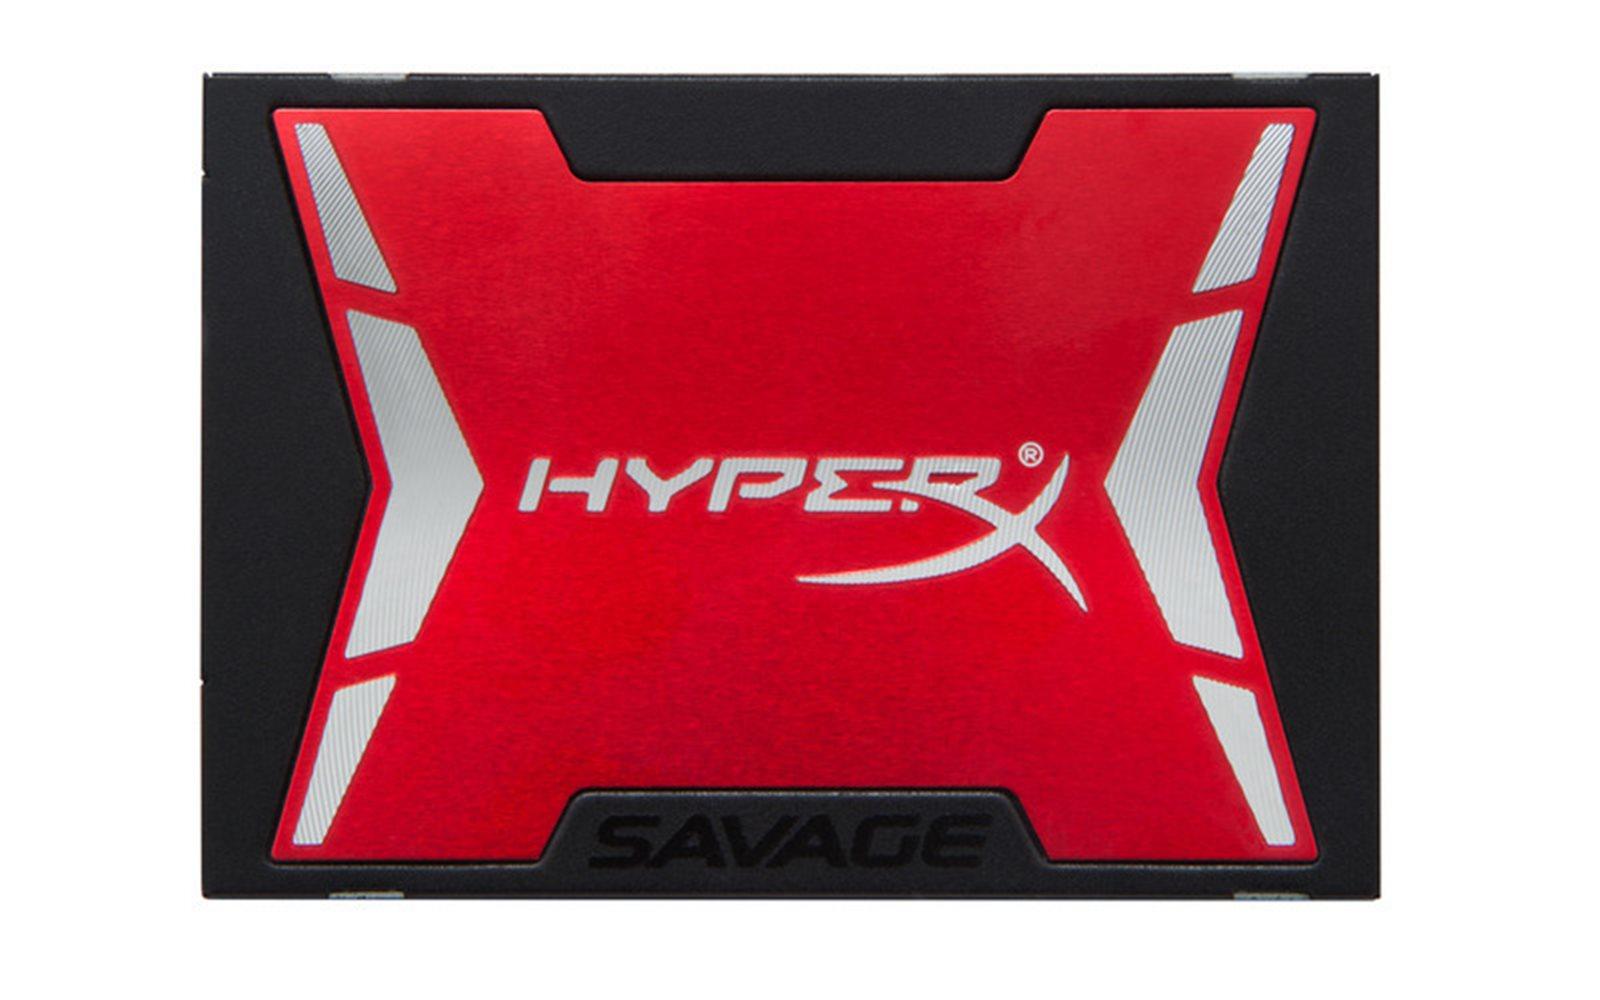 Kingston HyperX SSD 240GB SATA3